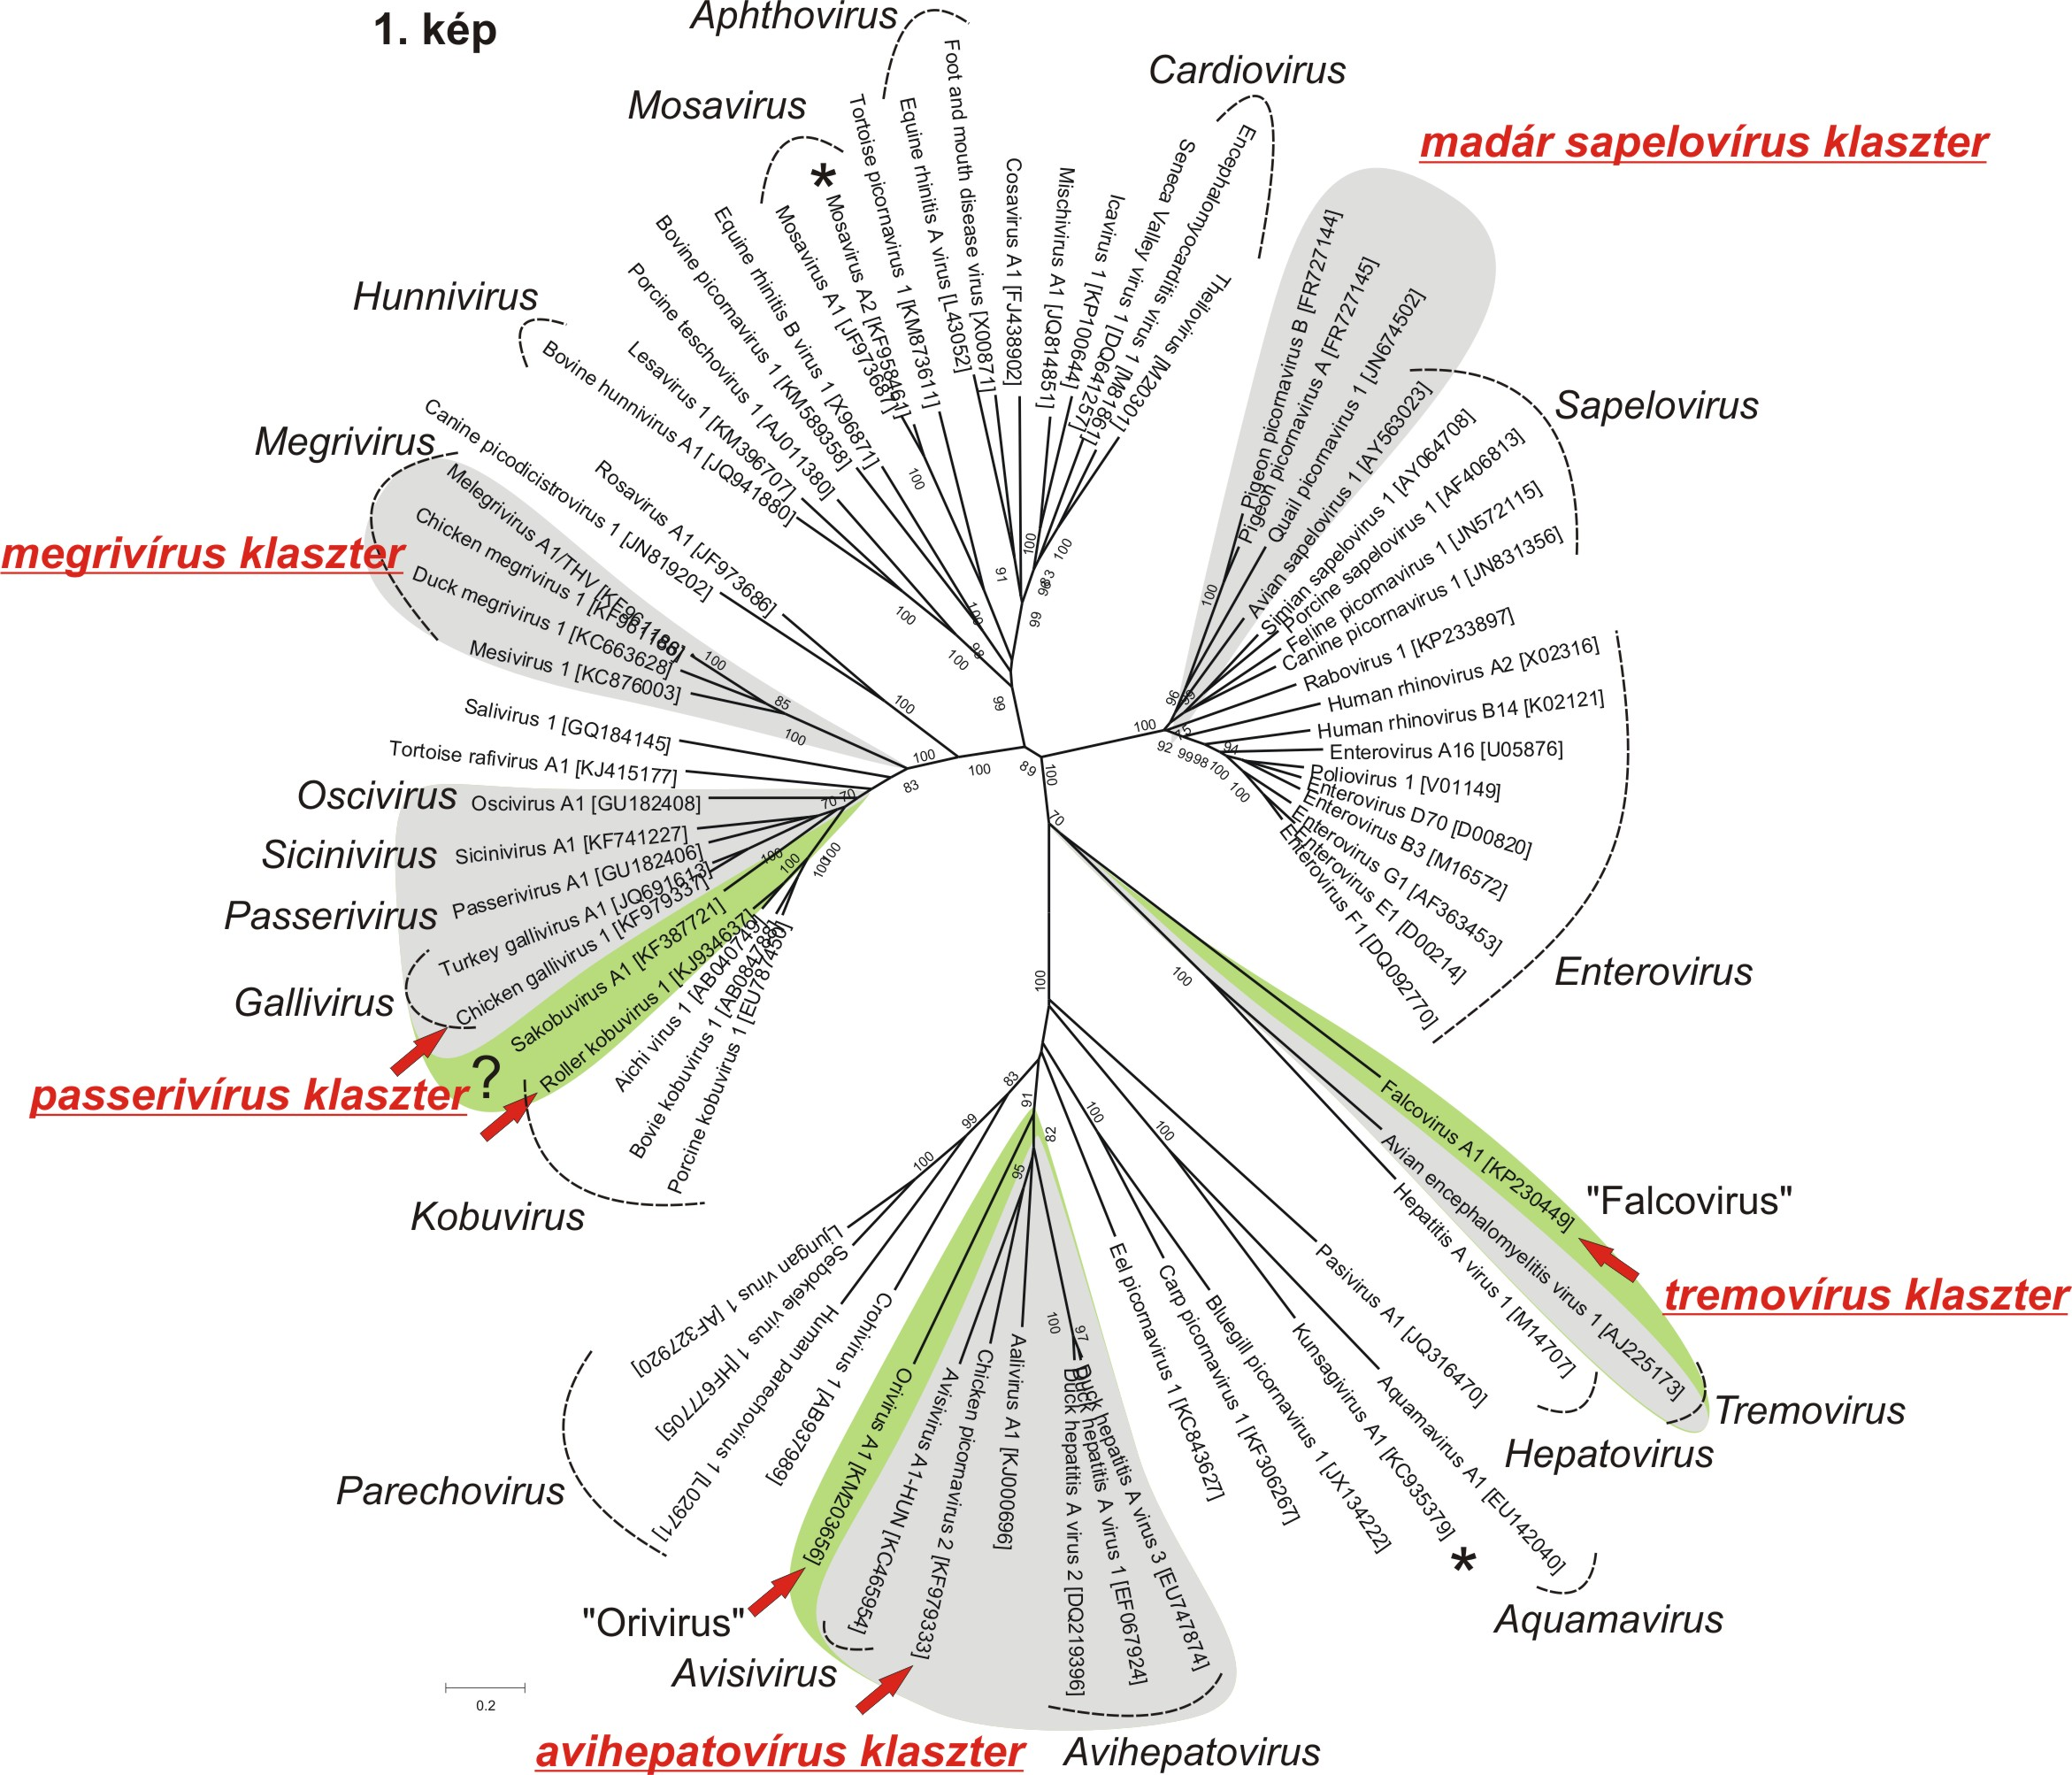 madarpvk-3d-aa-tree-2015-04-09.jpg